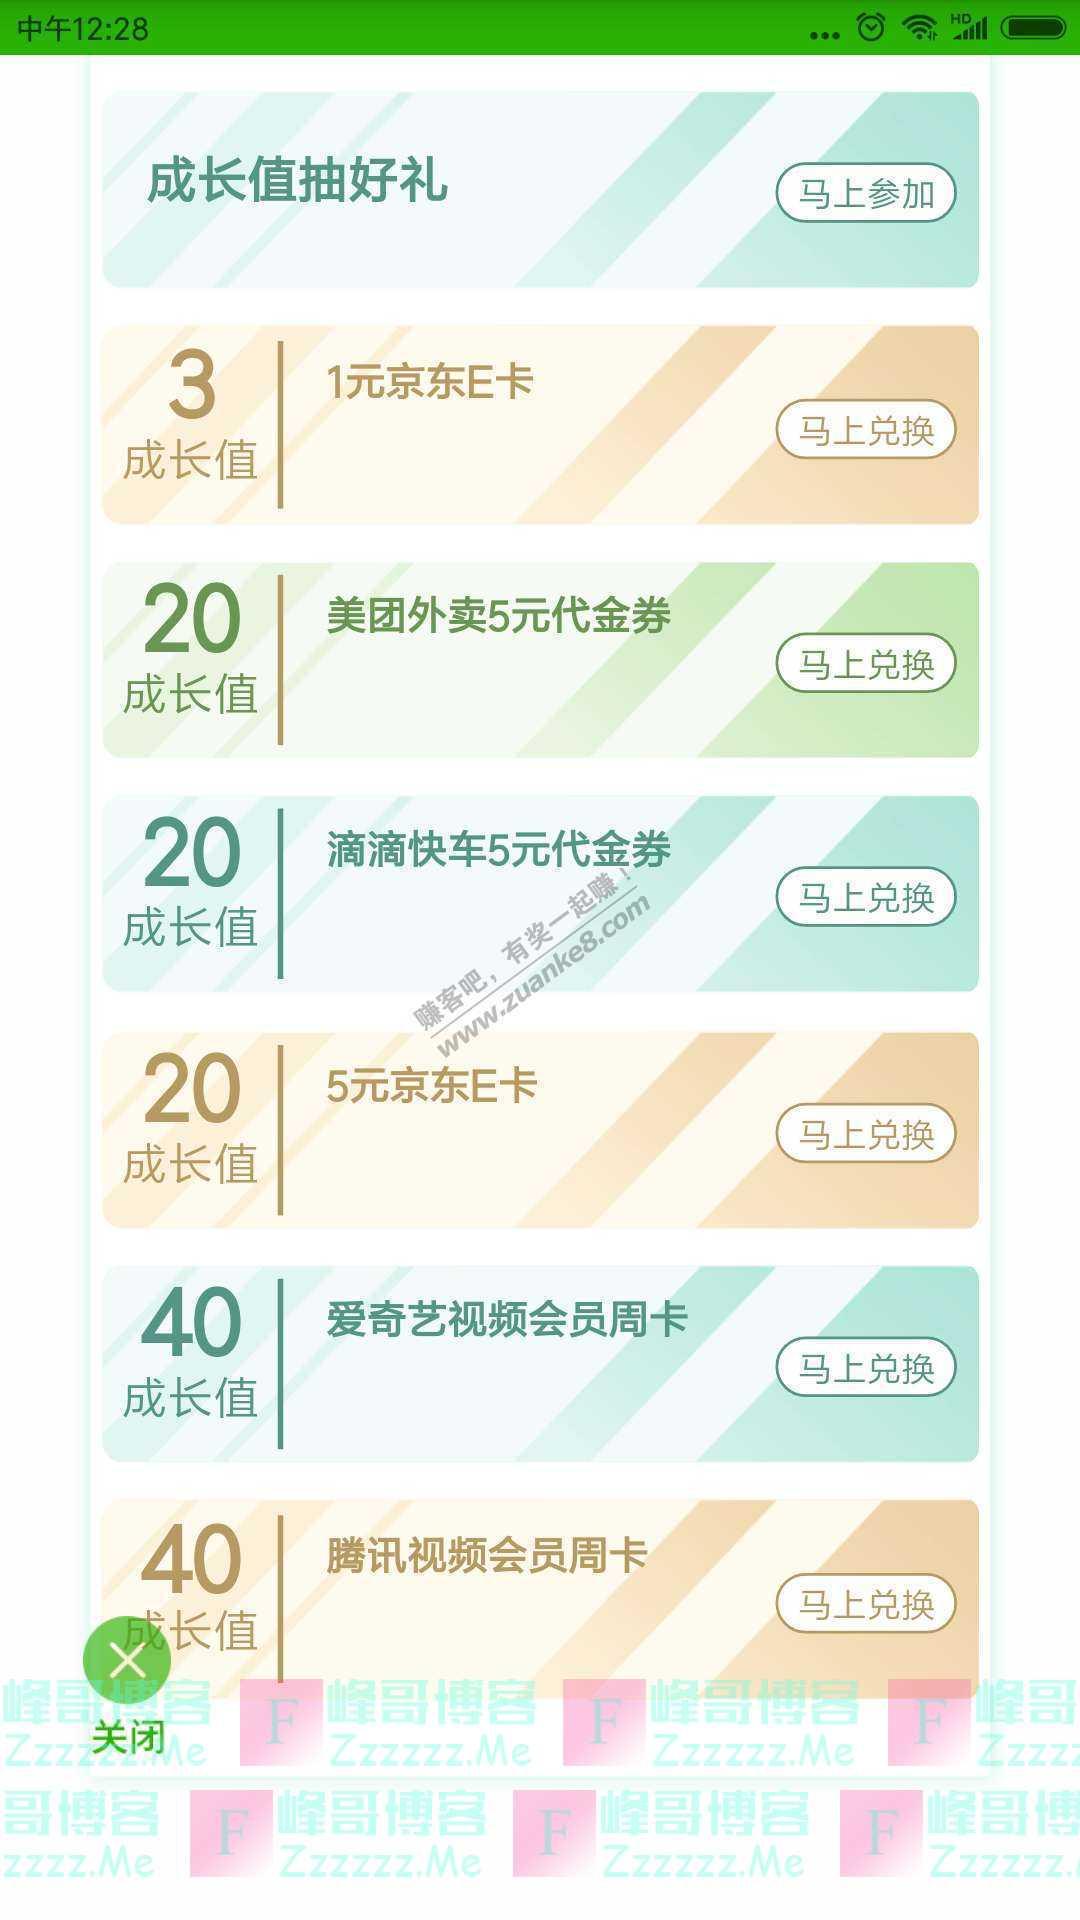 邮储银行app签到有礼(截止9月16日)